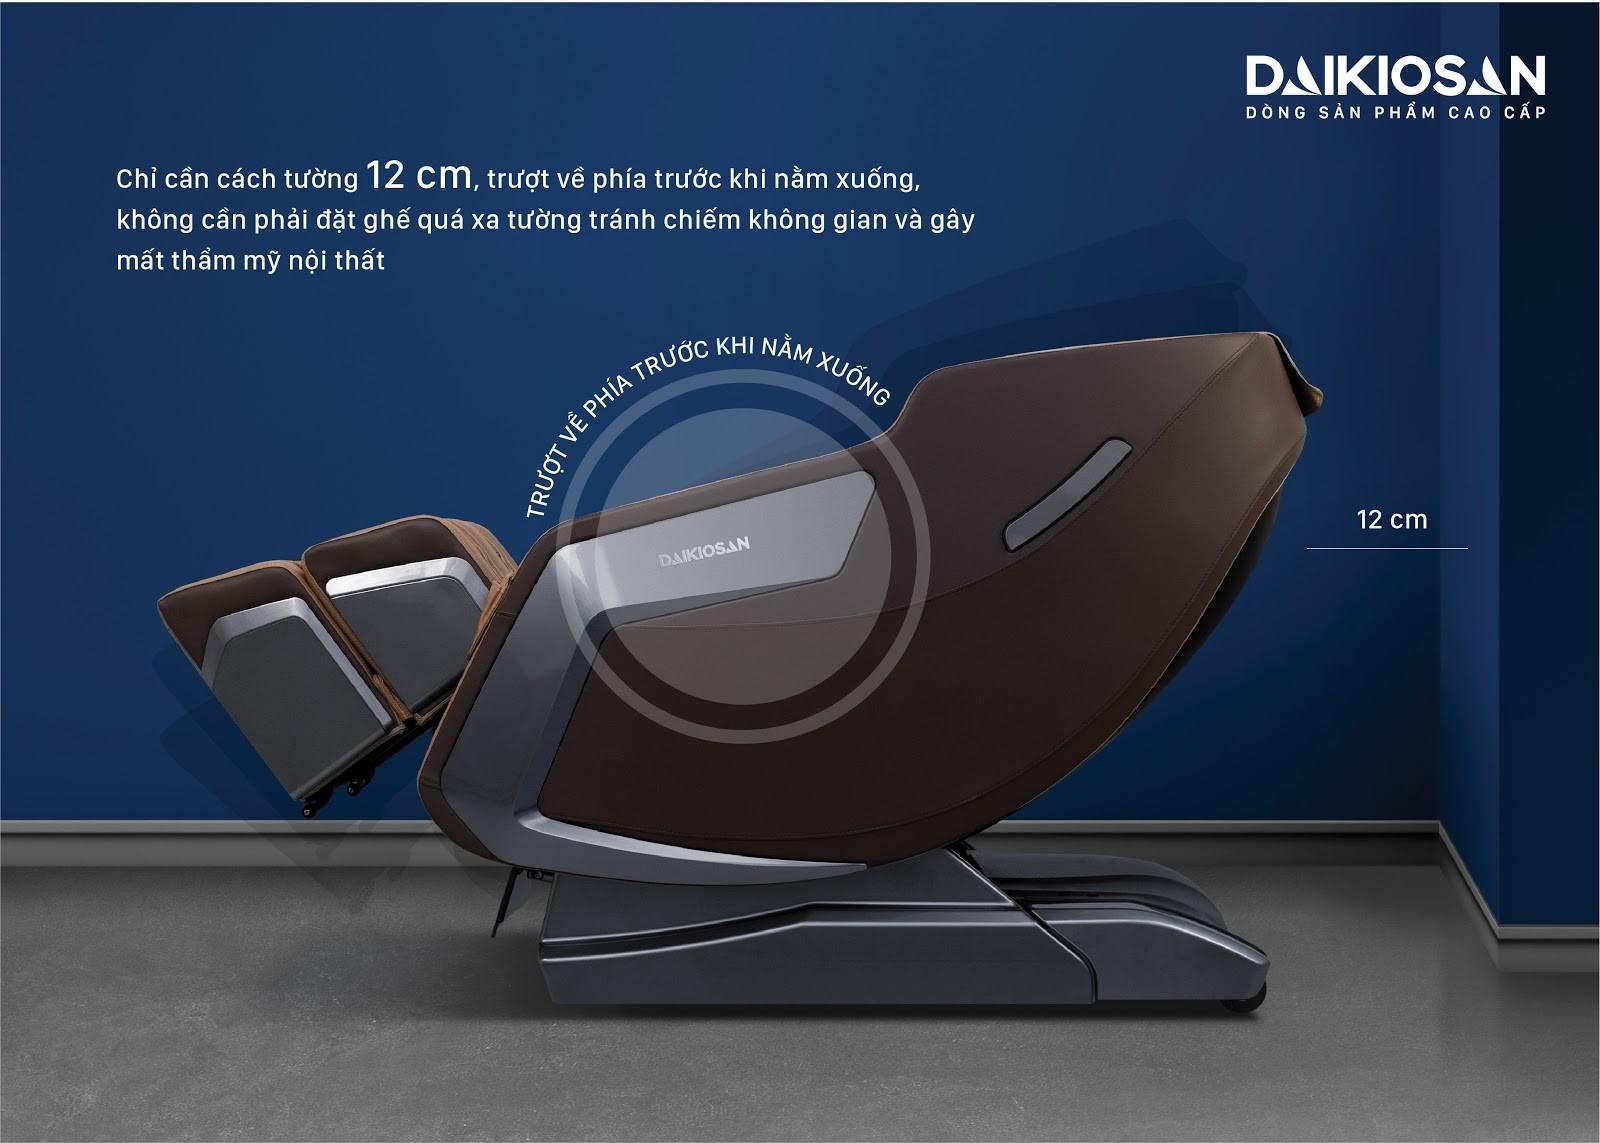 ghế massage văn phòng phù hợp cho không gian văn phòng